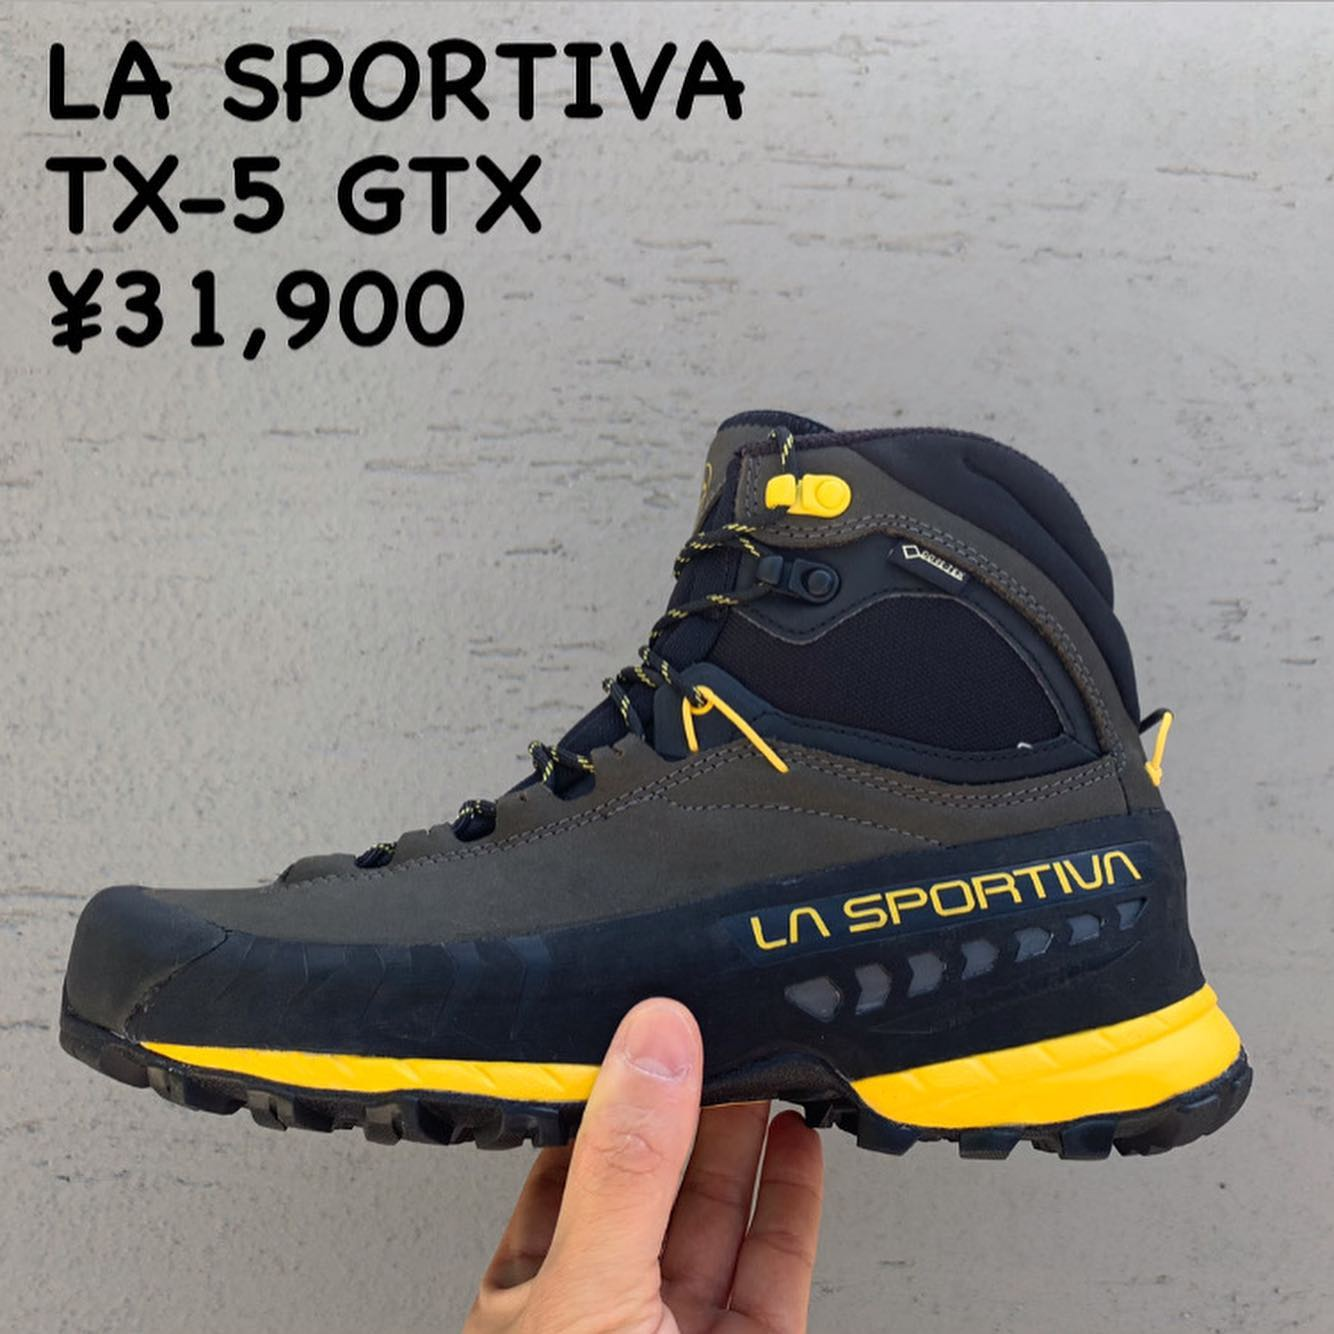 スポルティバを代表する登山靴「TRANGOシリーズ」のご紹介